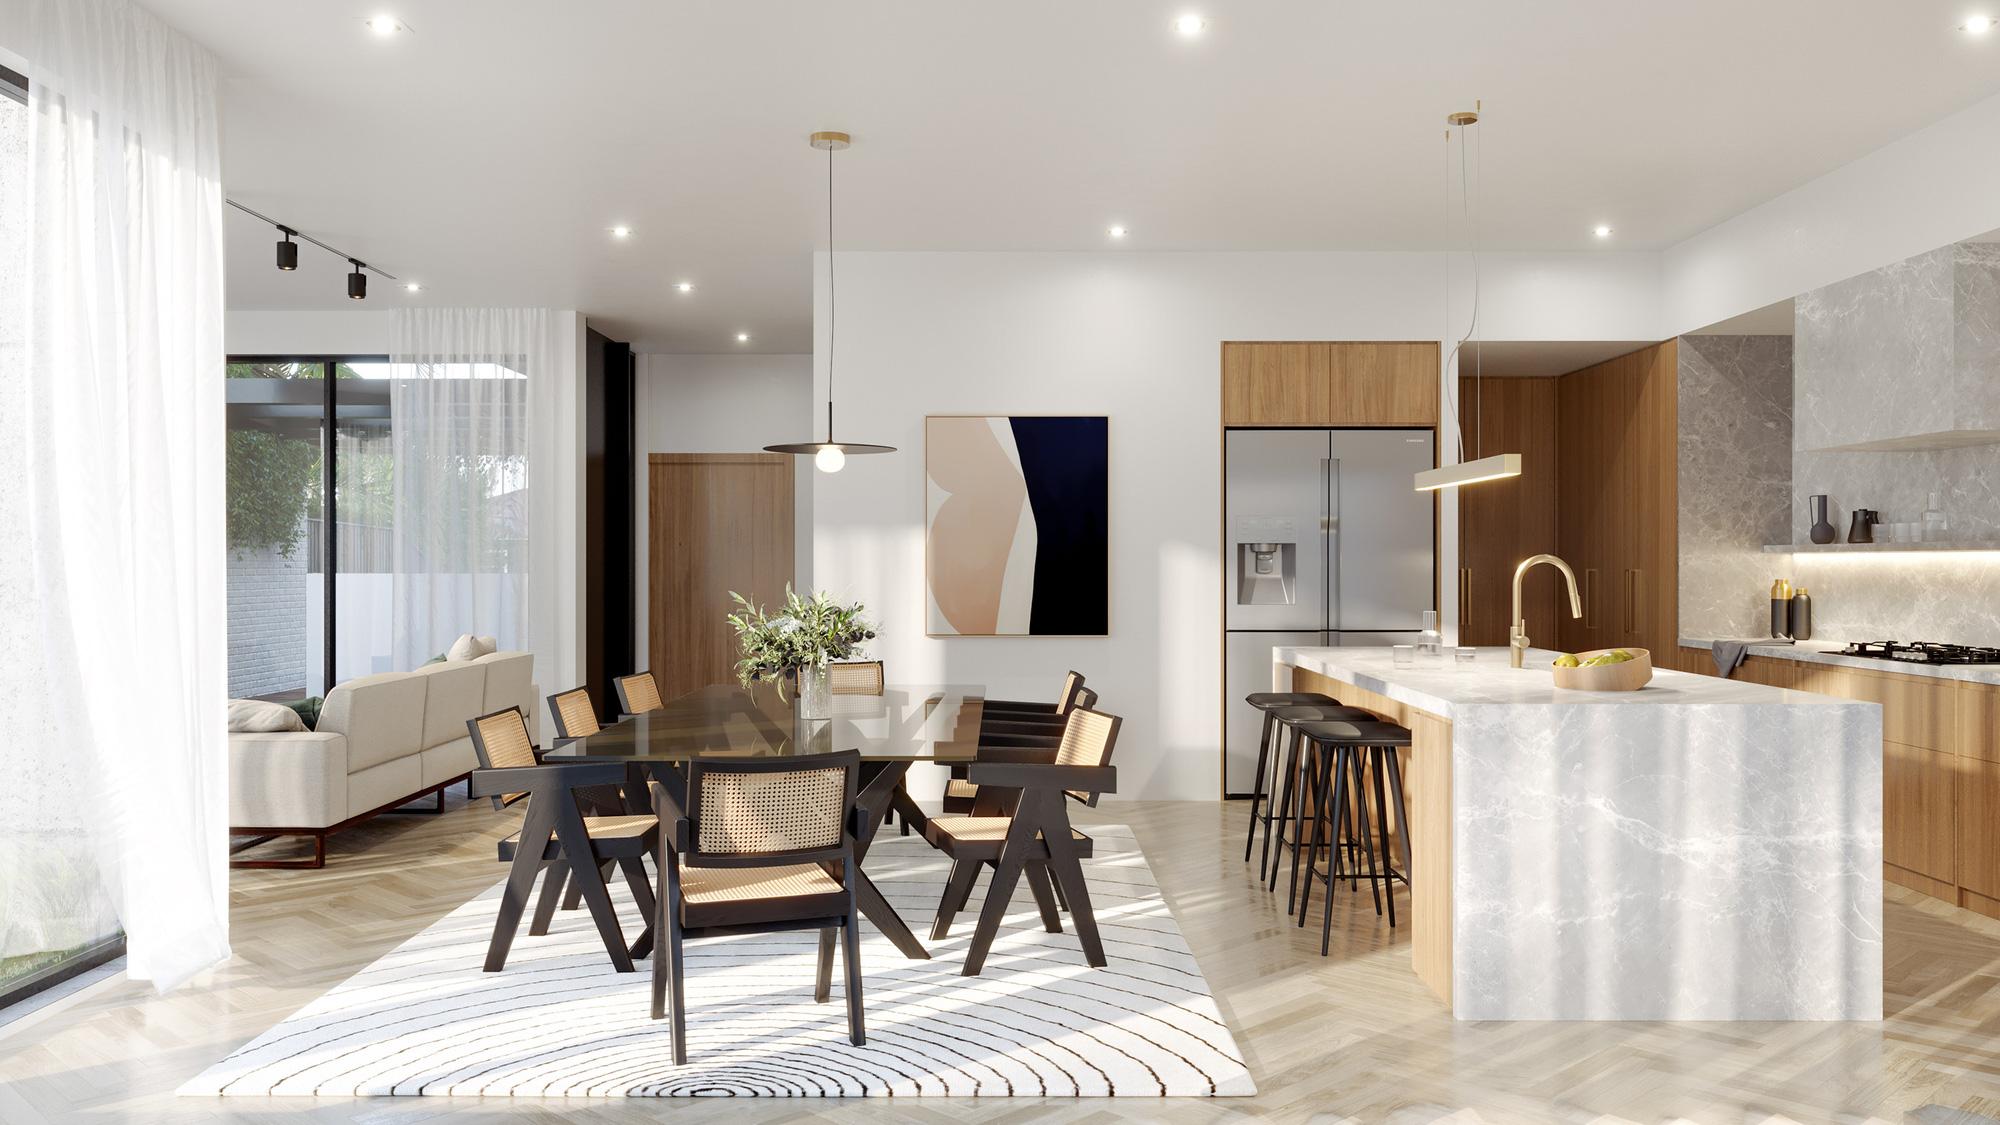 Tư vấn thiết kế nhà cấp 4 diện tích 120m² cho gia đình 6 thành viên chi phí 200 triệu - Ảnh 4.